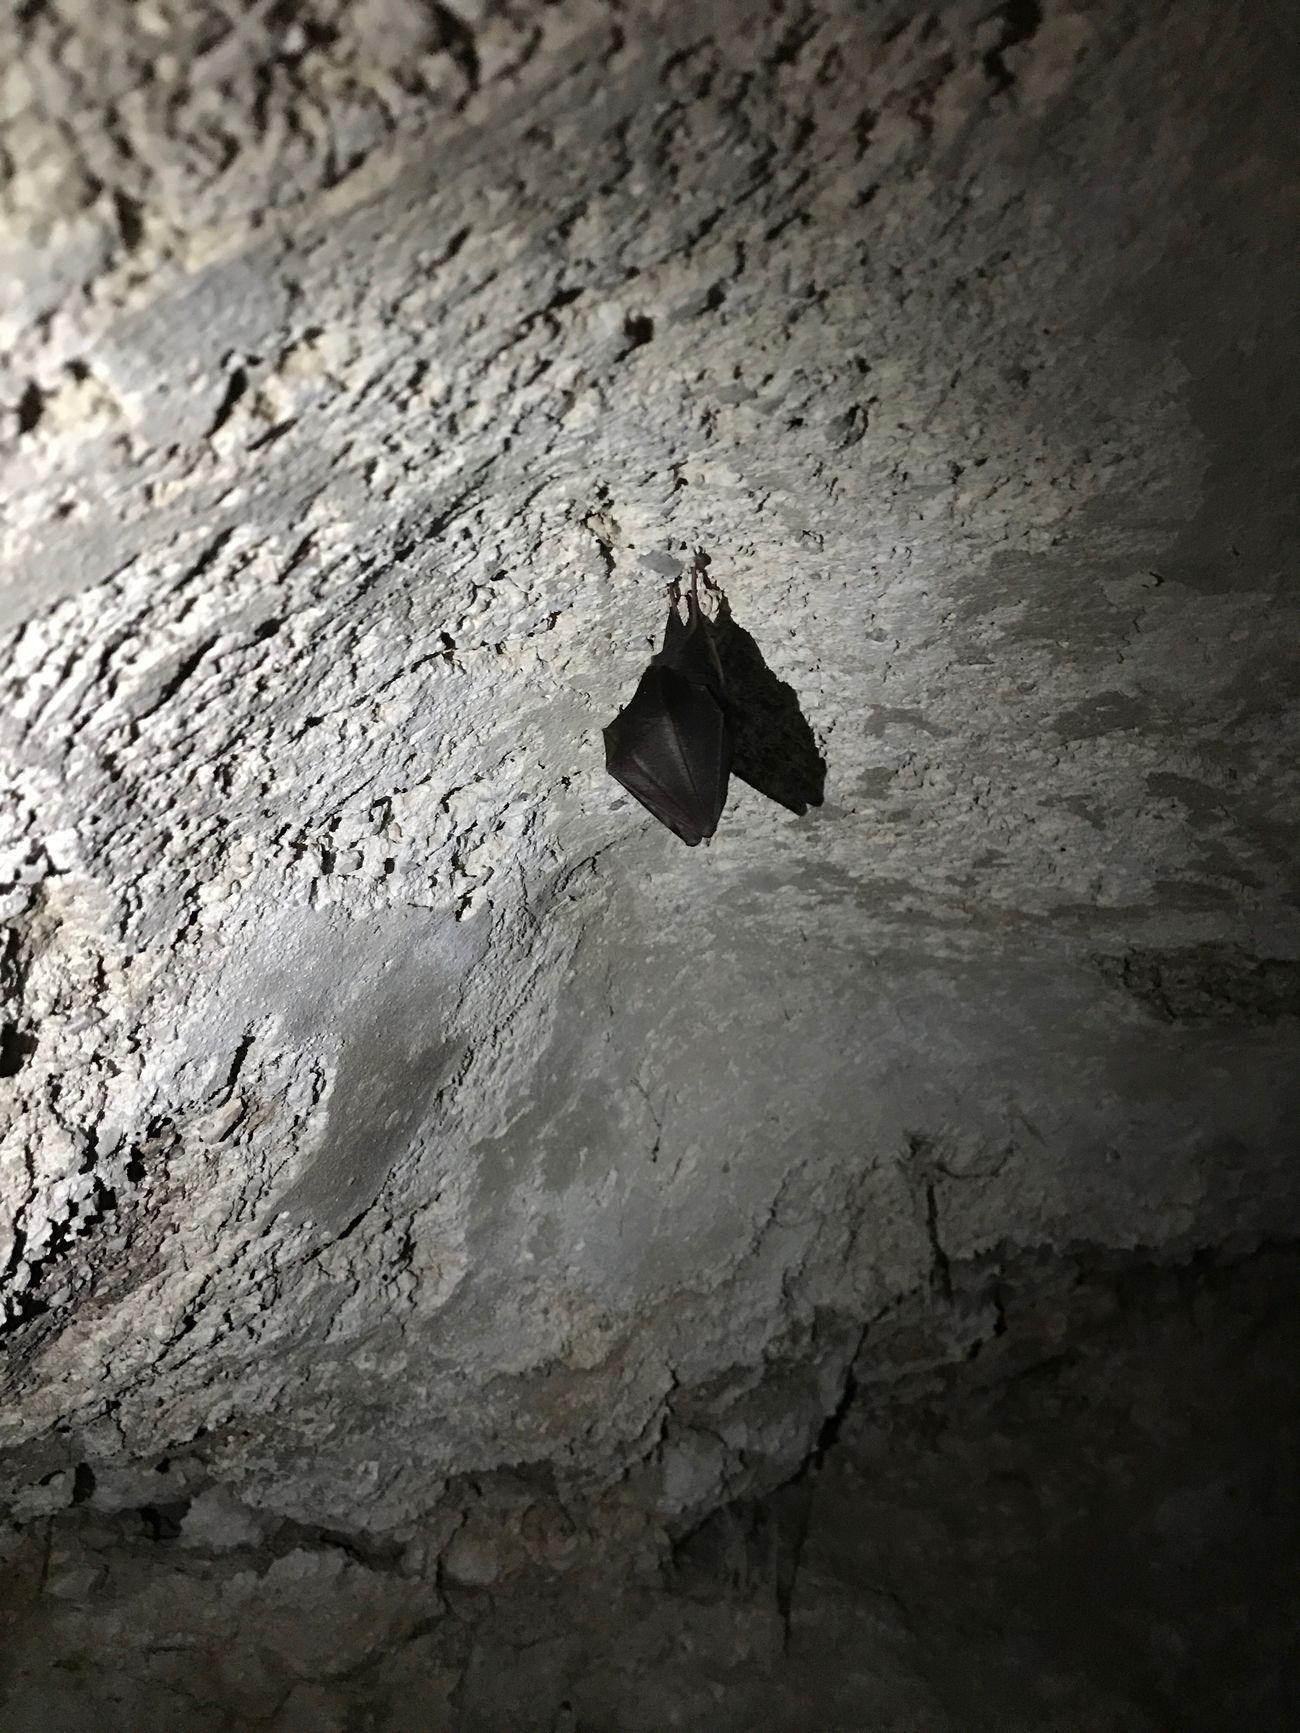 Bat at Juses cave